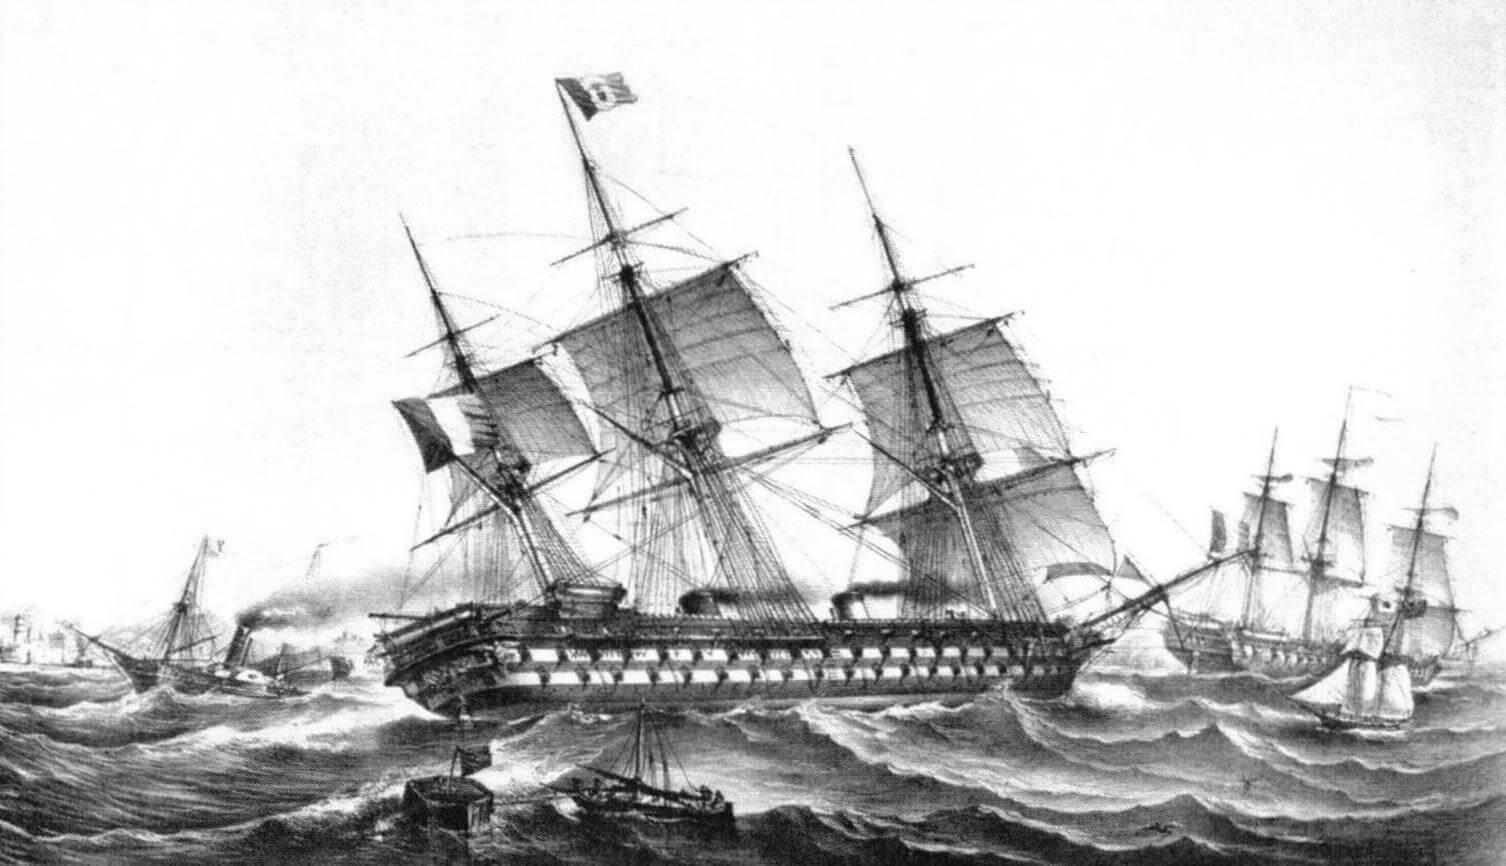 После вступления в строй «Наполеон» некоторое время был самым быстроходным линейным кораблем в мире